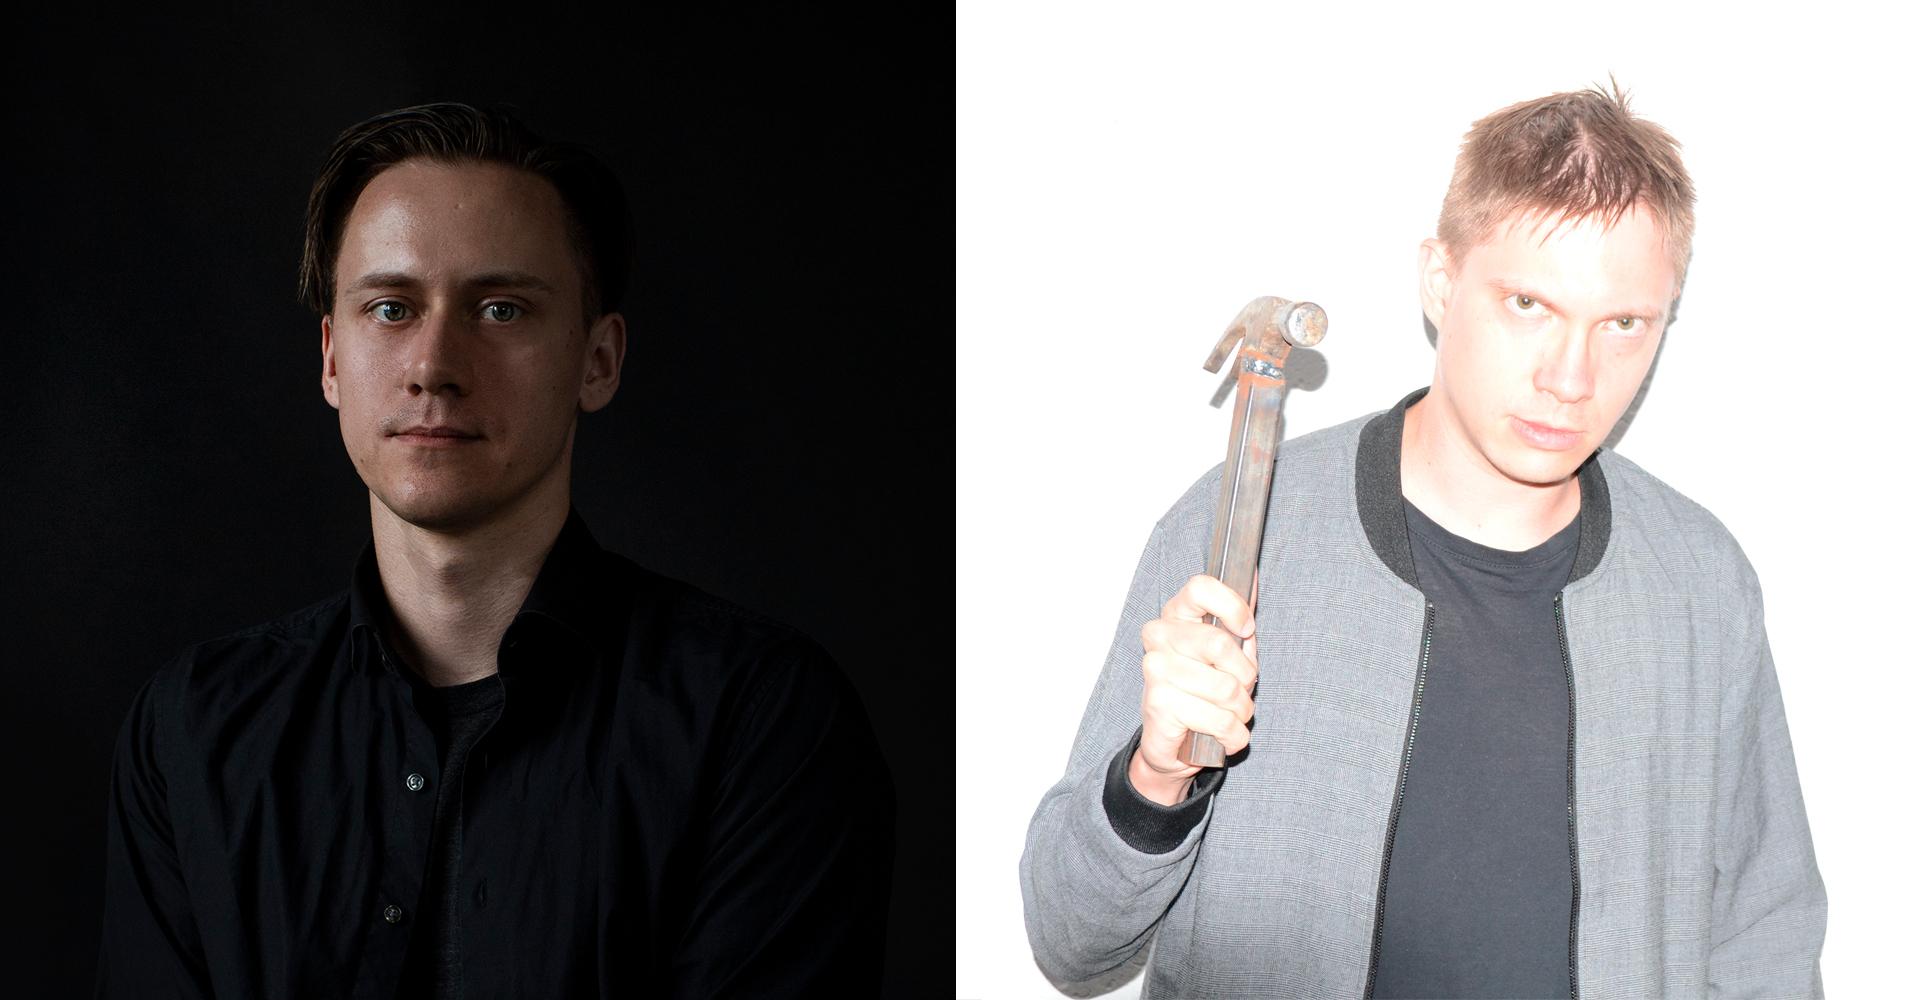 Олексій Шмурак та Олег Шпудейко про досвід подкастингу, складнощі життя та професії сучасних українських музикантів